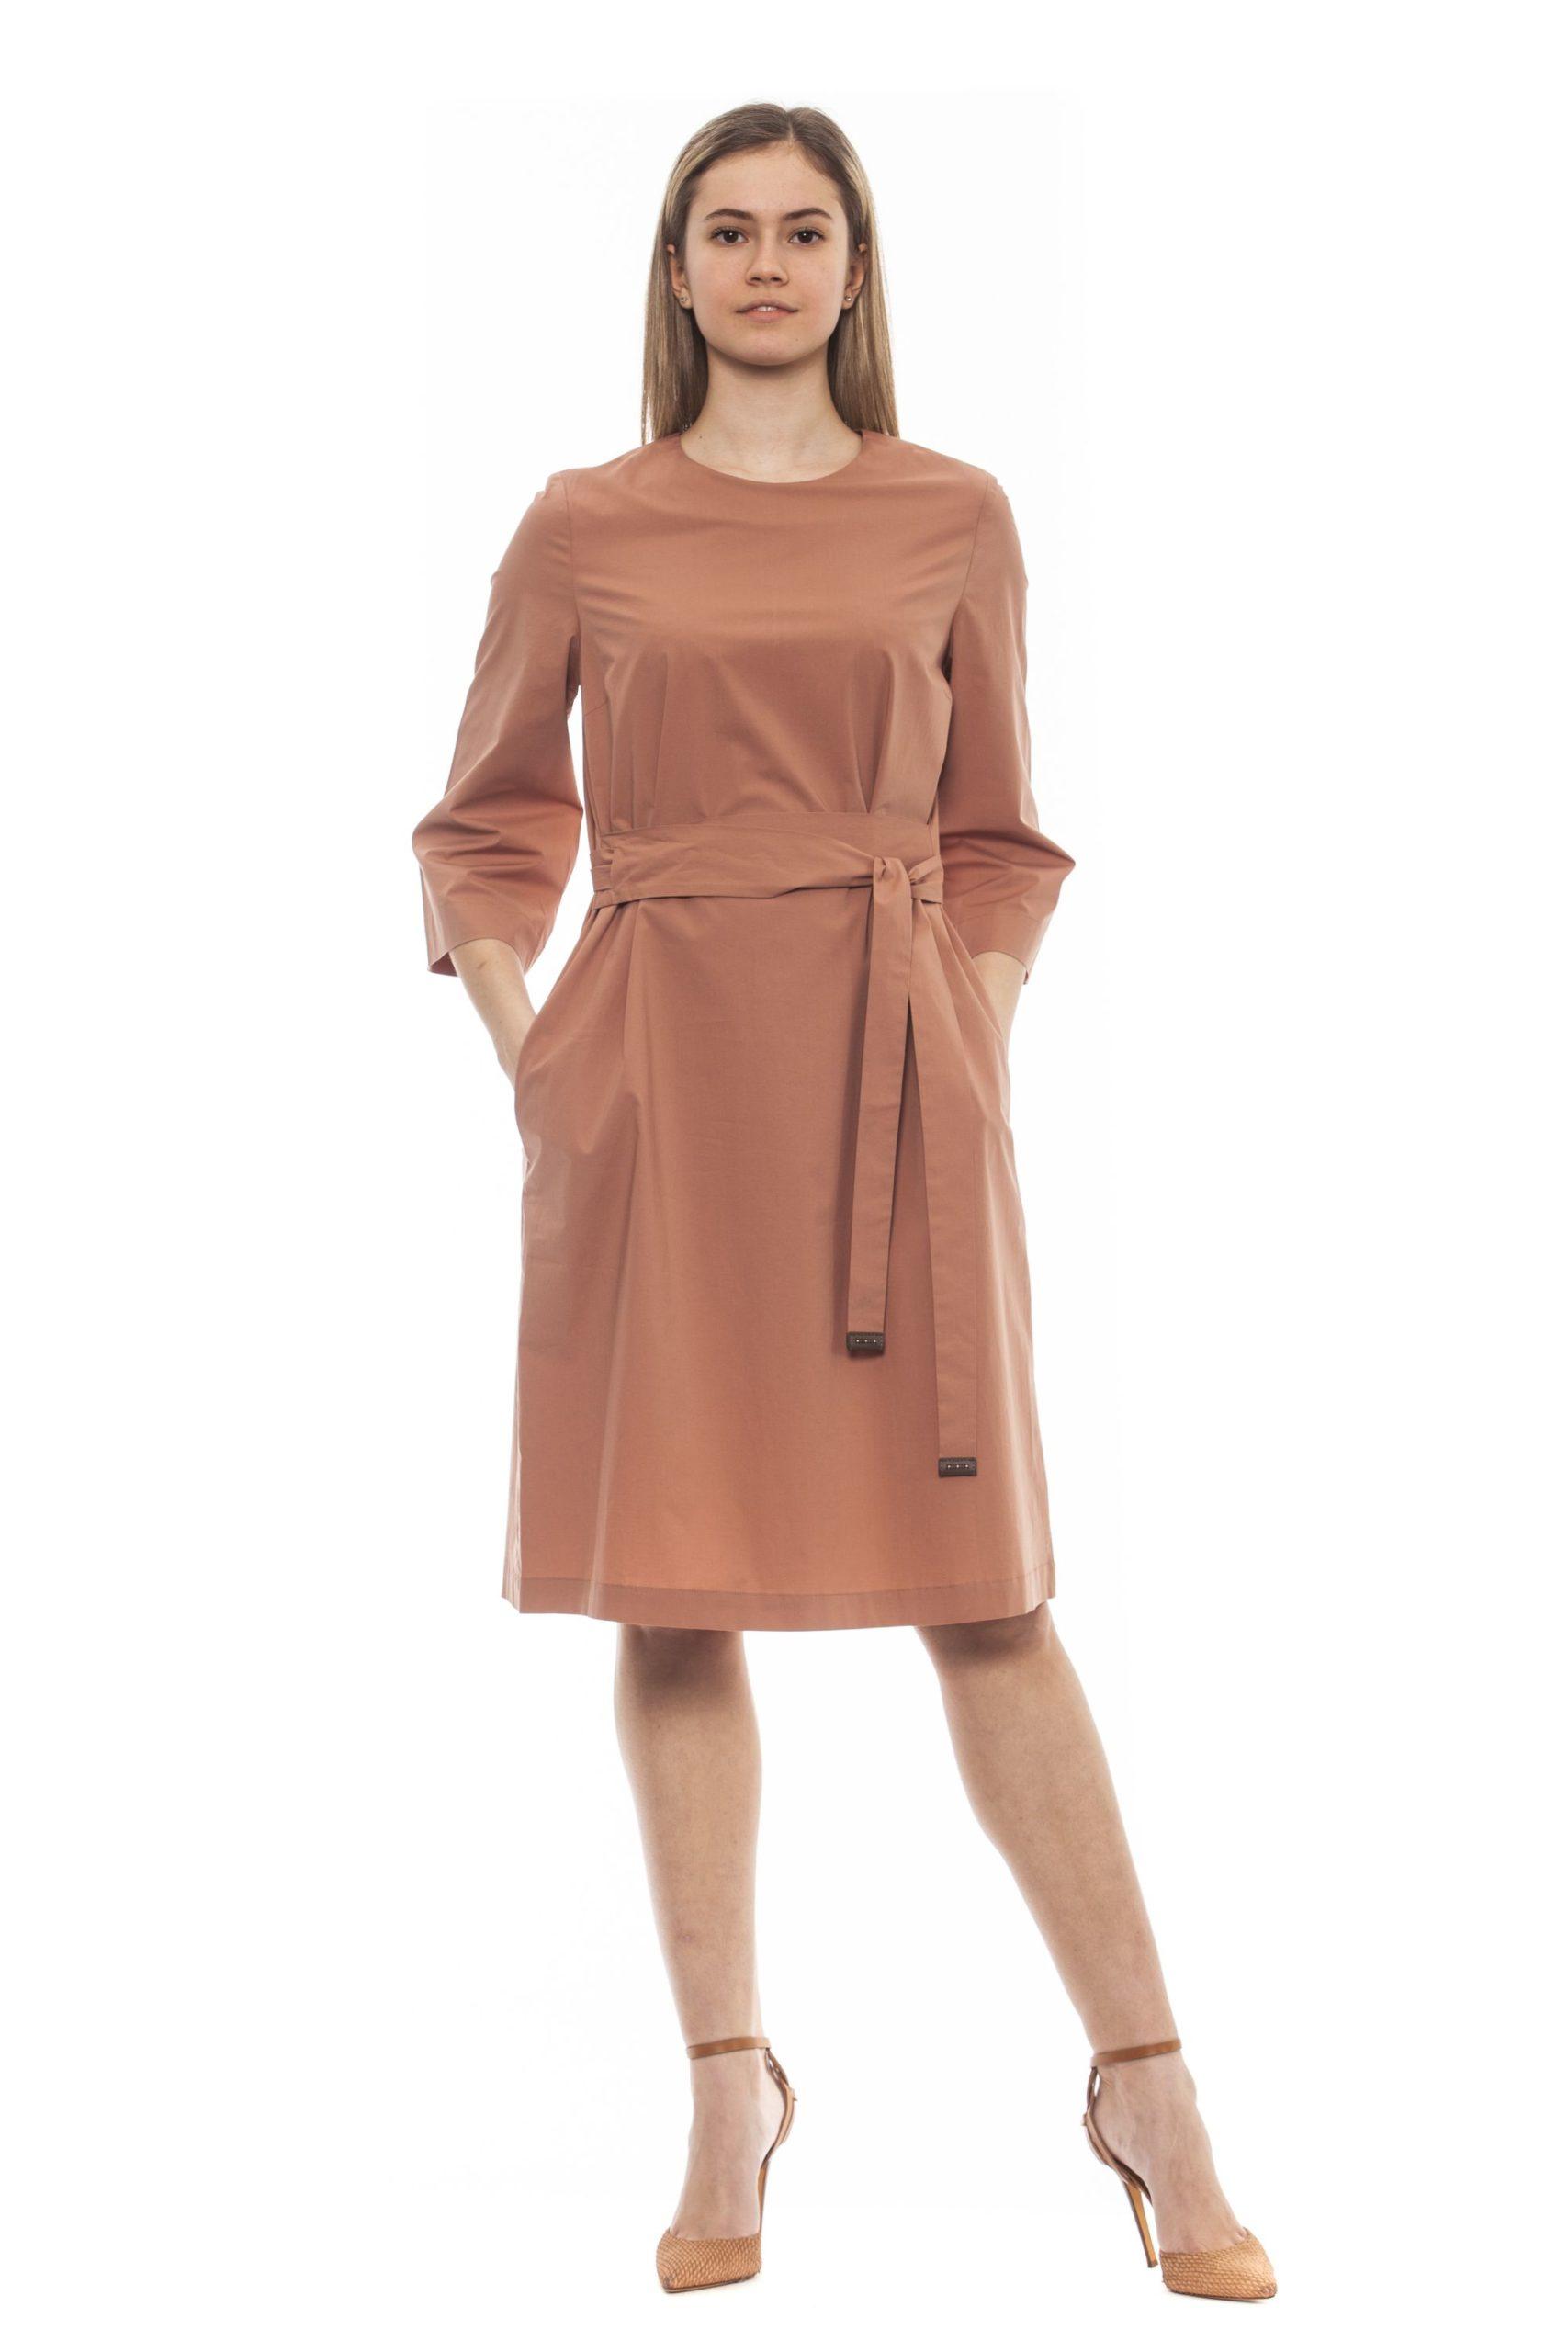 Peserico Women's Marrone Dress Brown PE1383194 - IT42   S